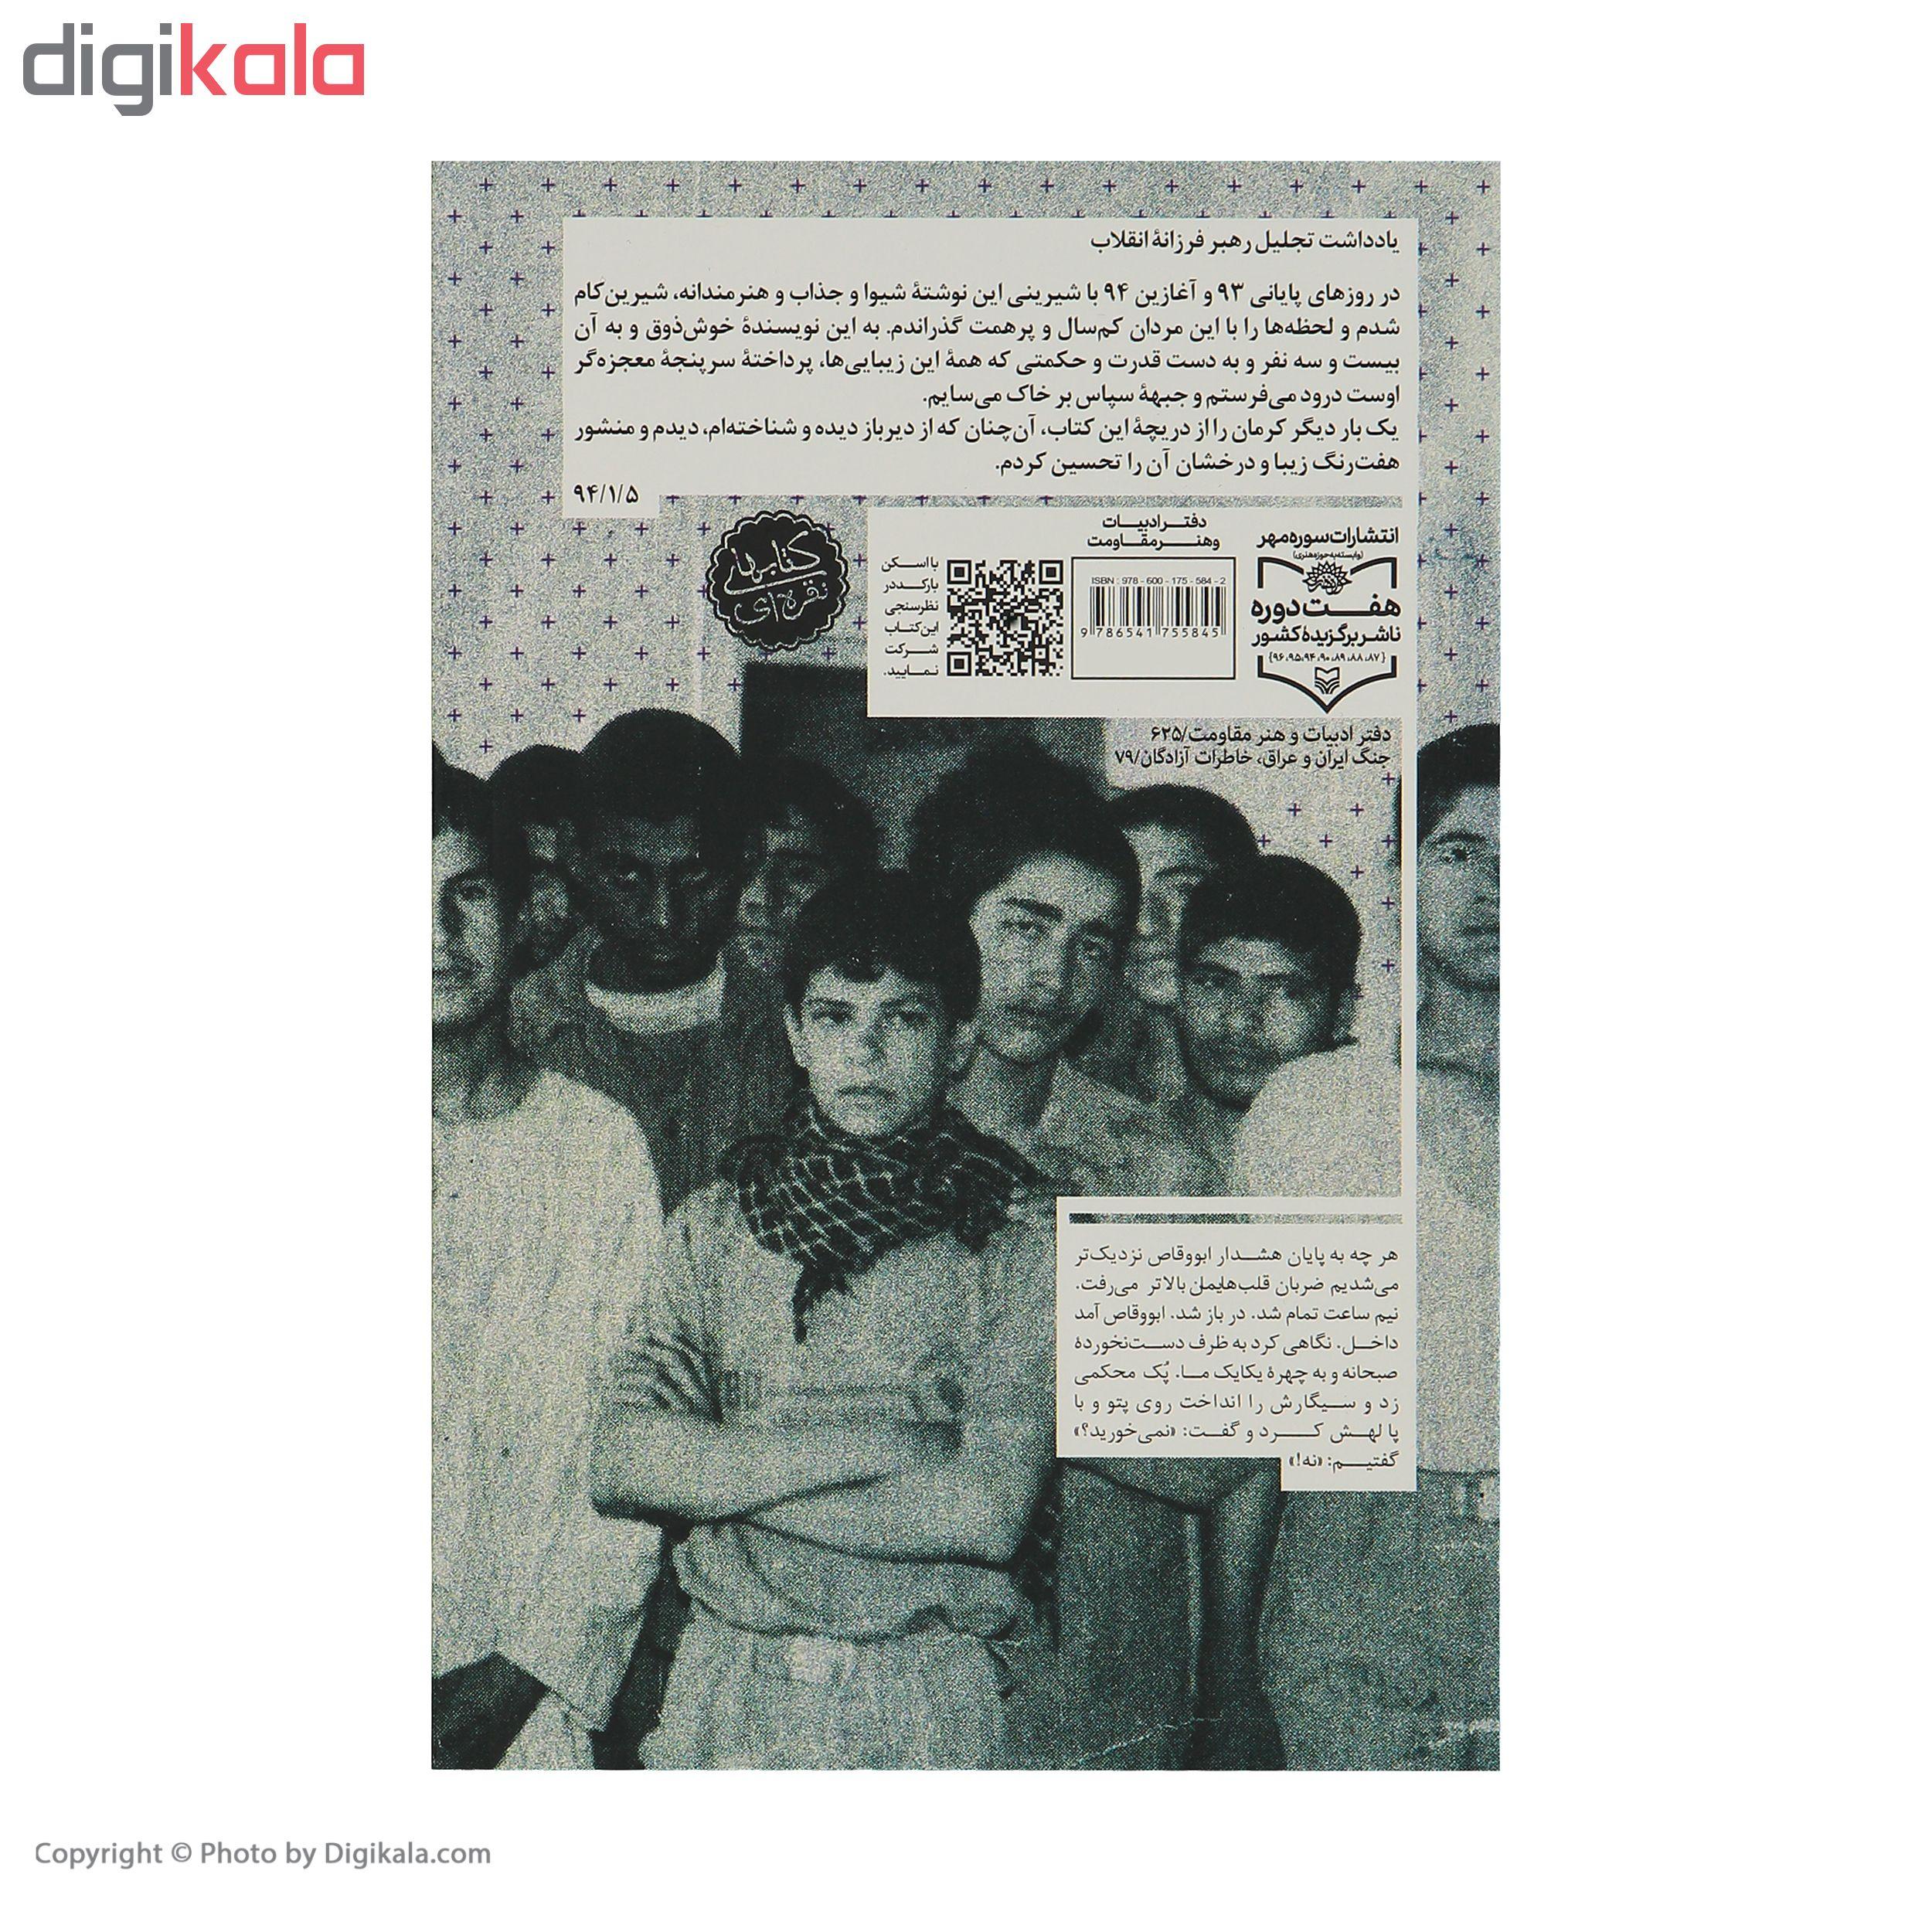 خرید                      کتاب آن بیست و سه نفر: خاطرات خودنوشت احمد یوسف زاده